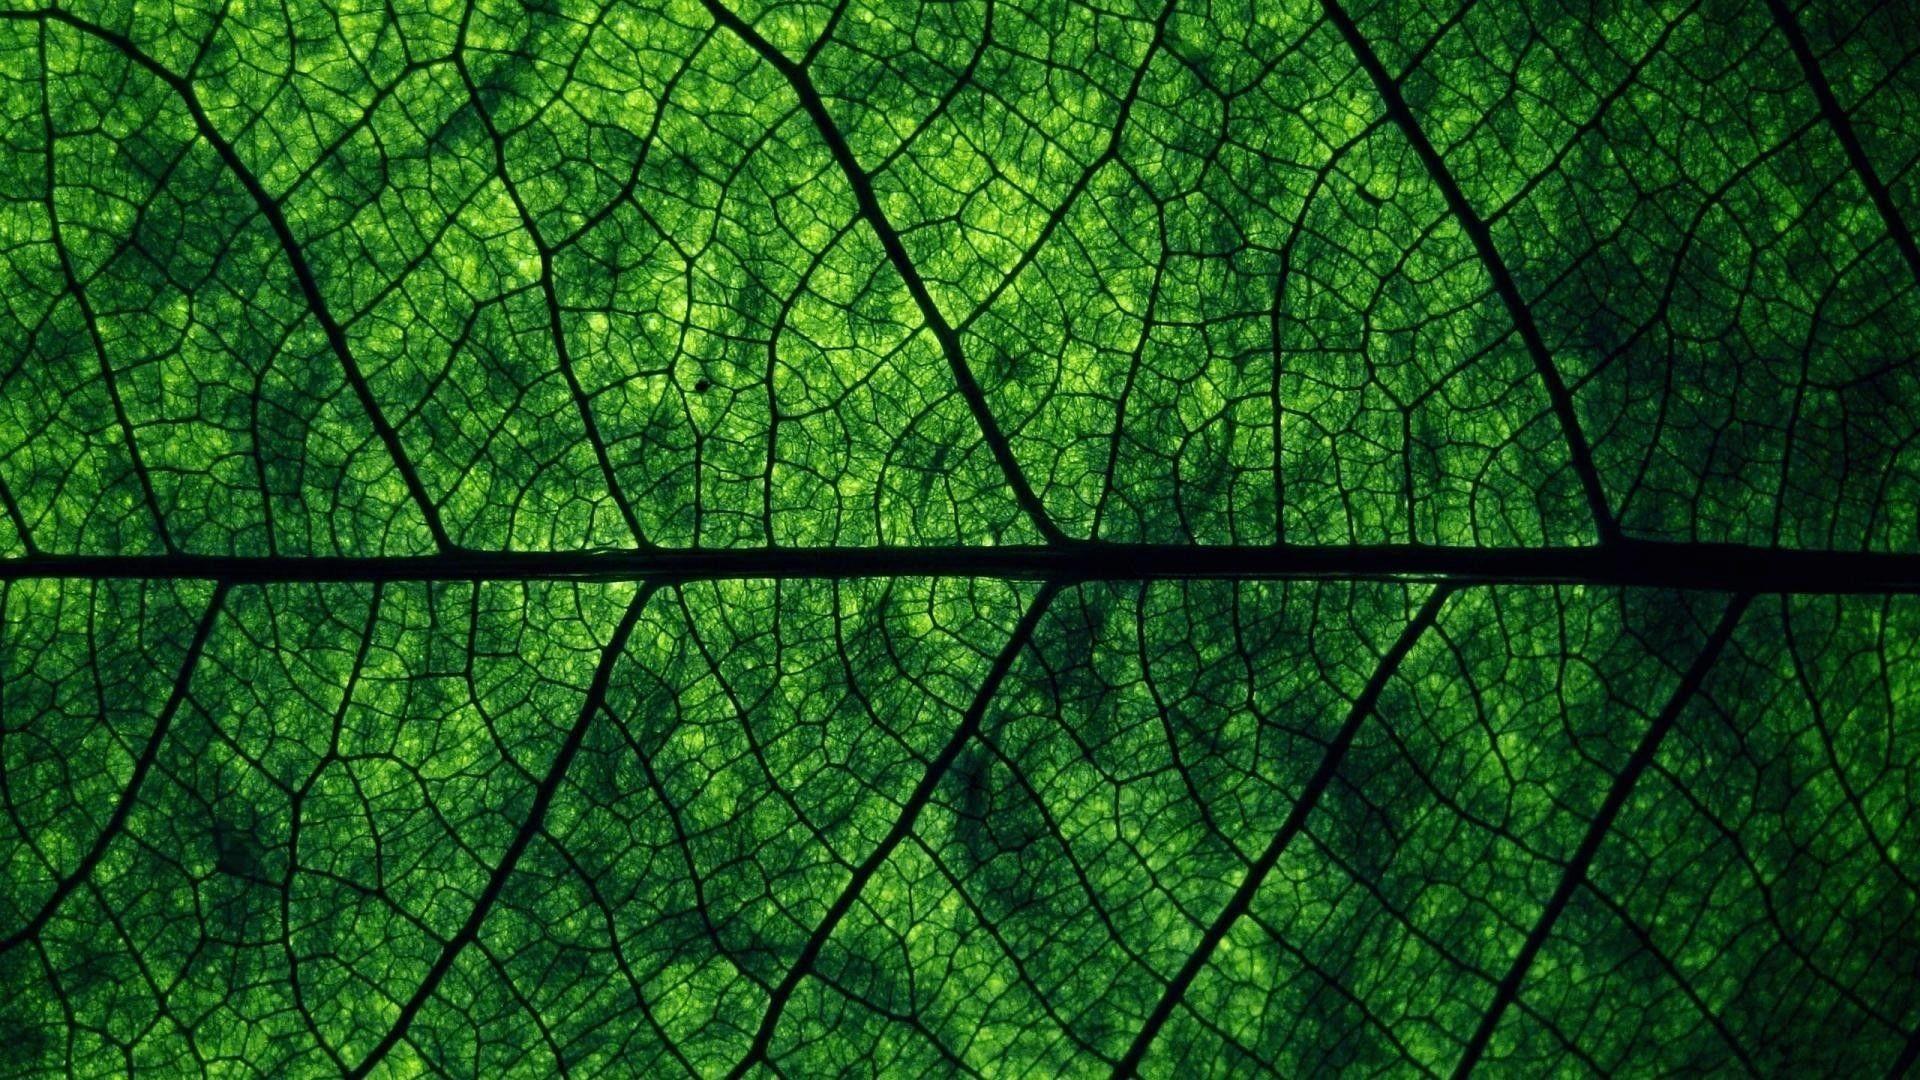 Green Aesthetic Desktop Wallpapers - Top Free Green ...